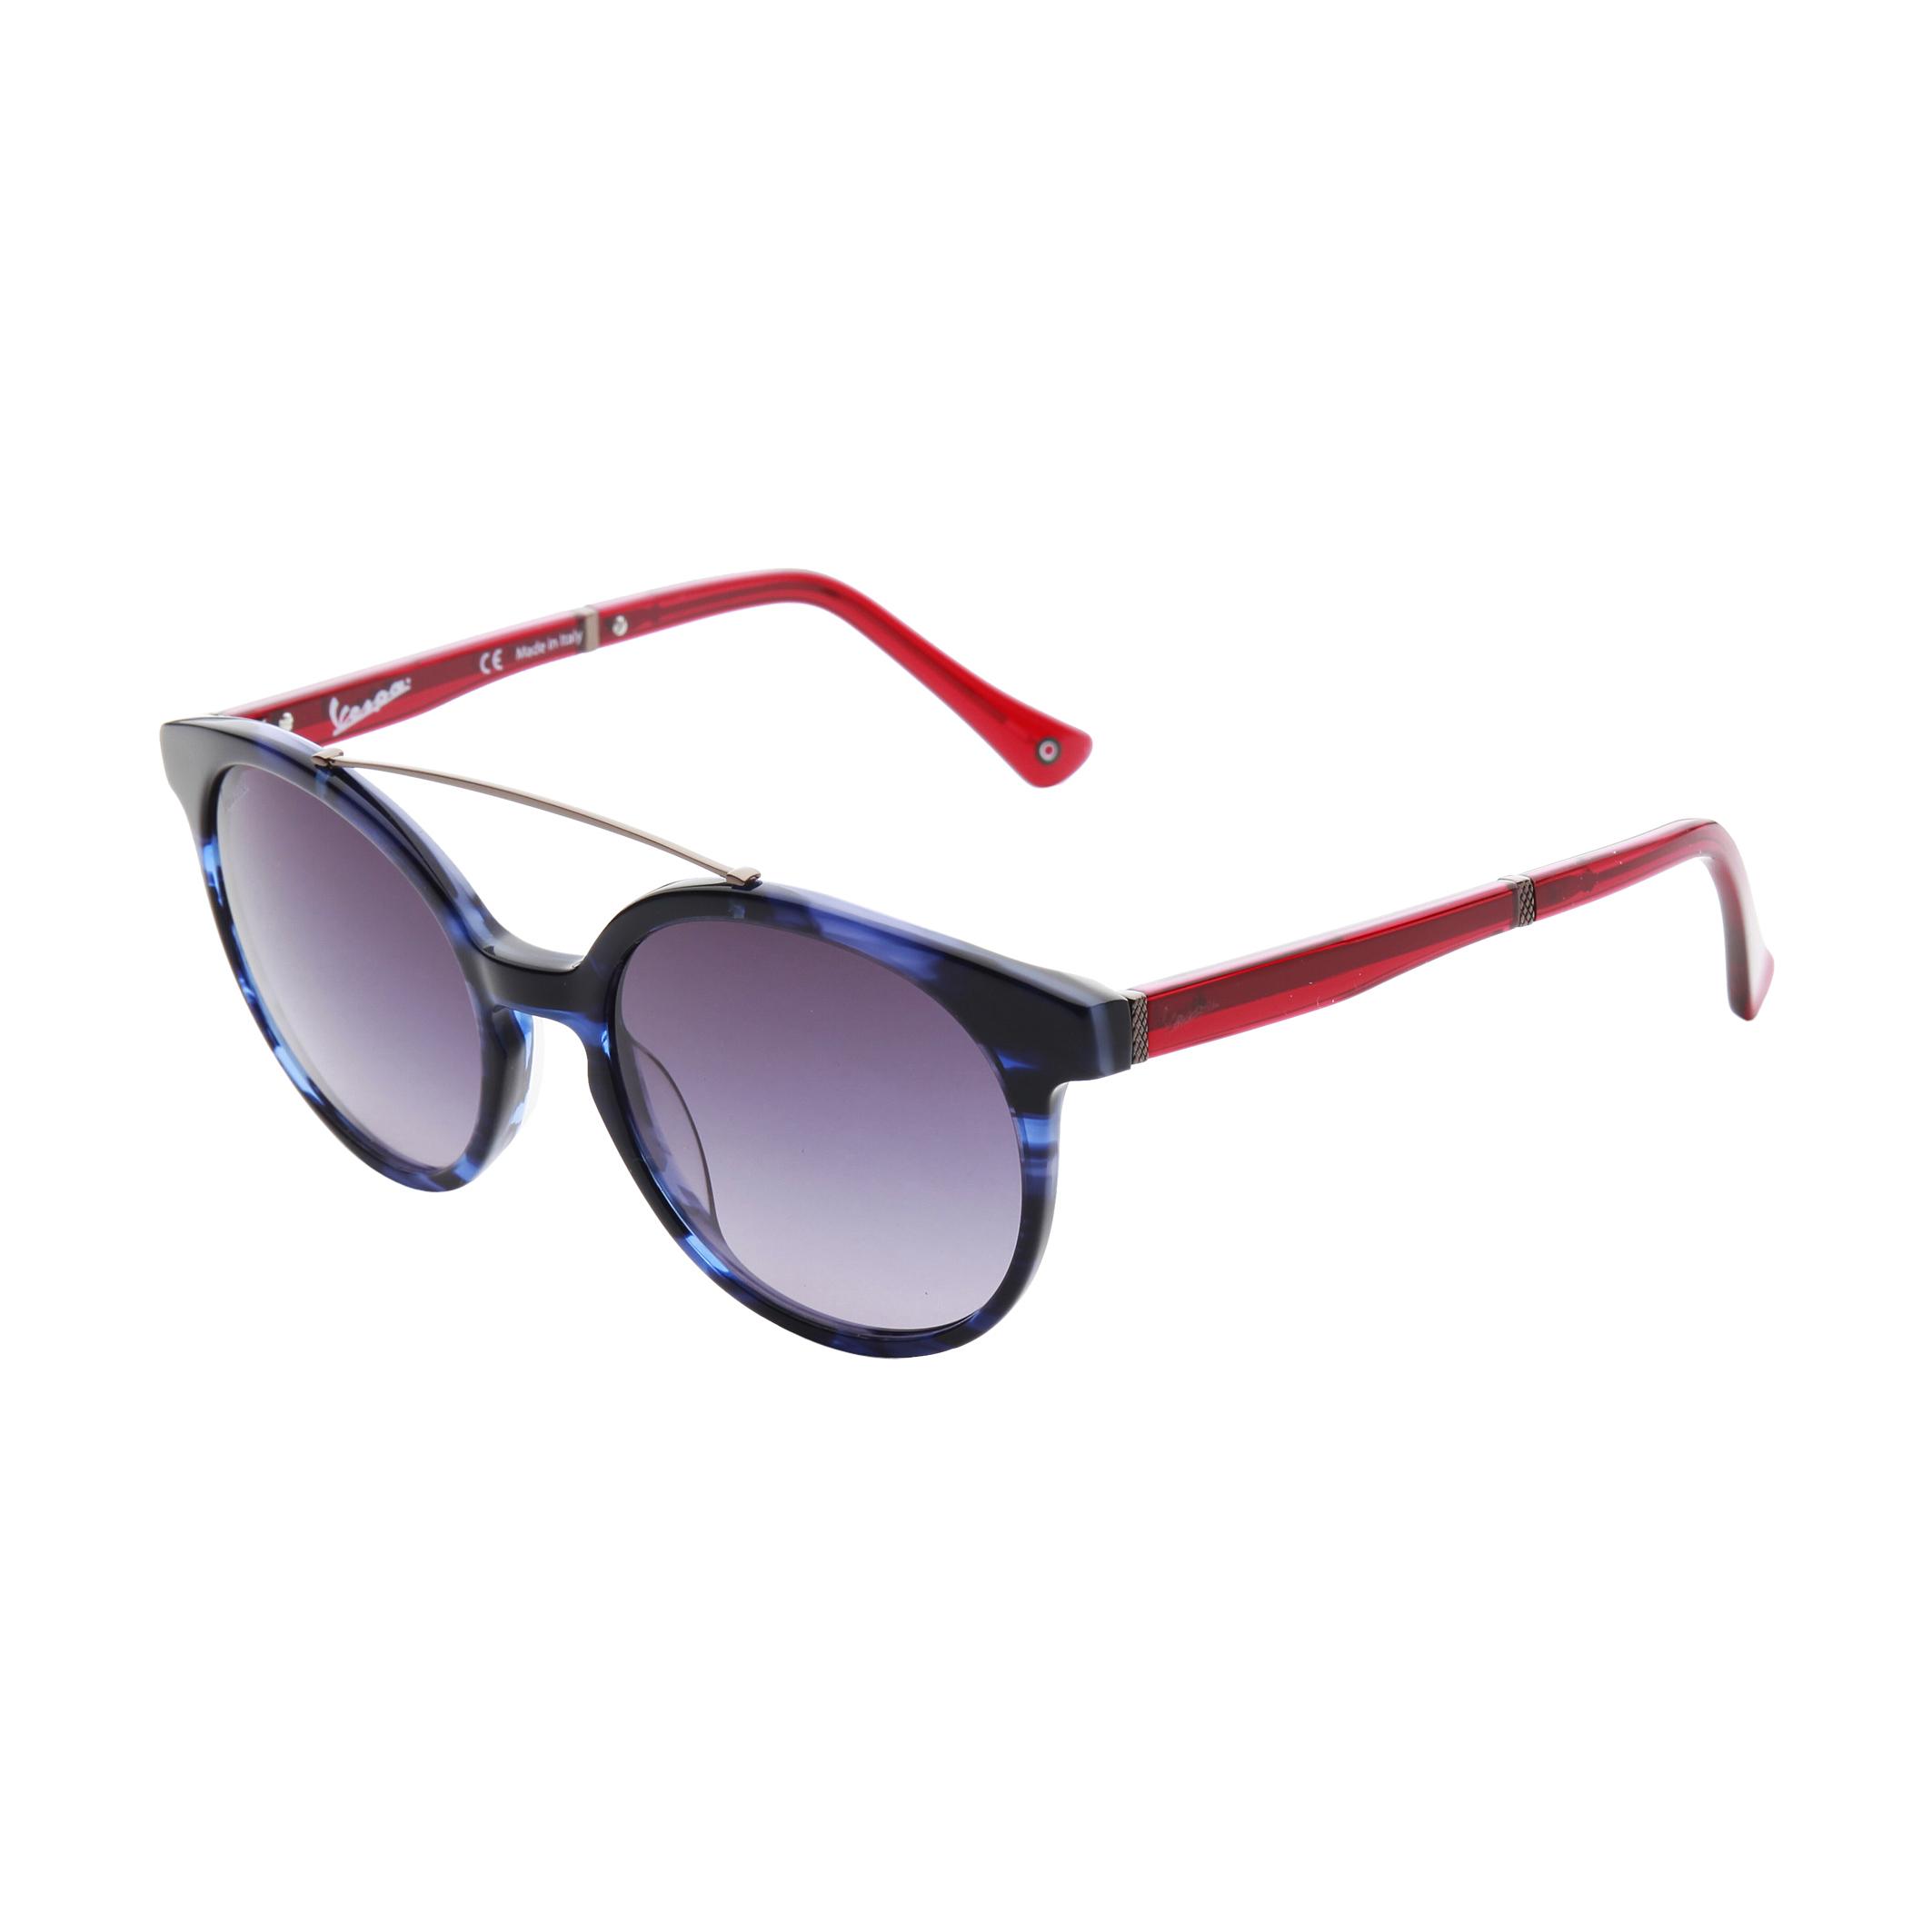 Sito Ufficiale Vespa Unisex Accessori Designer Occhiali Da Sole Blu Sunglasses СОЛНЦЕЗАЩИТНЫЕ о- Profitto Piccolo